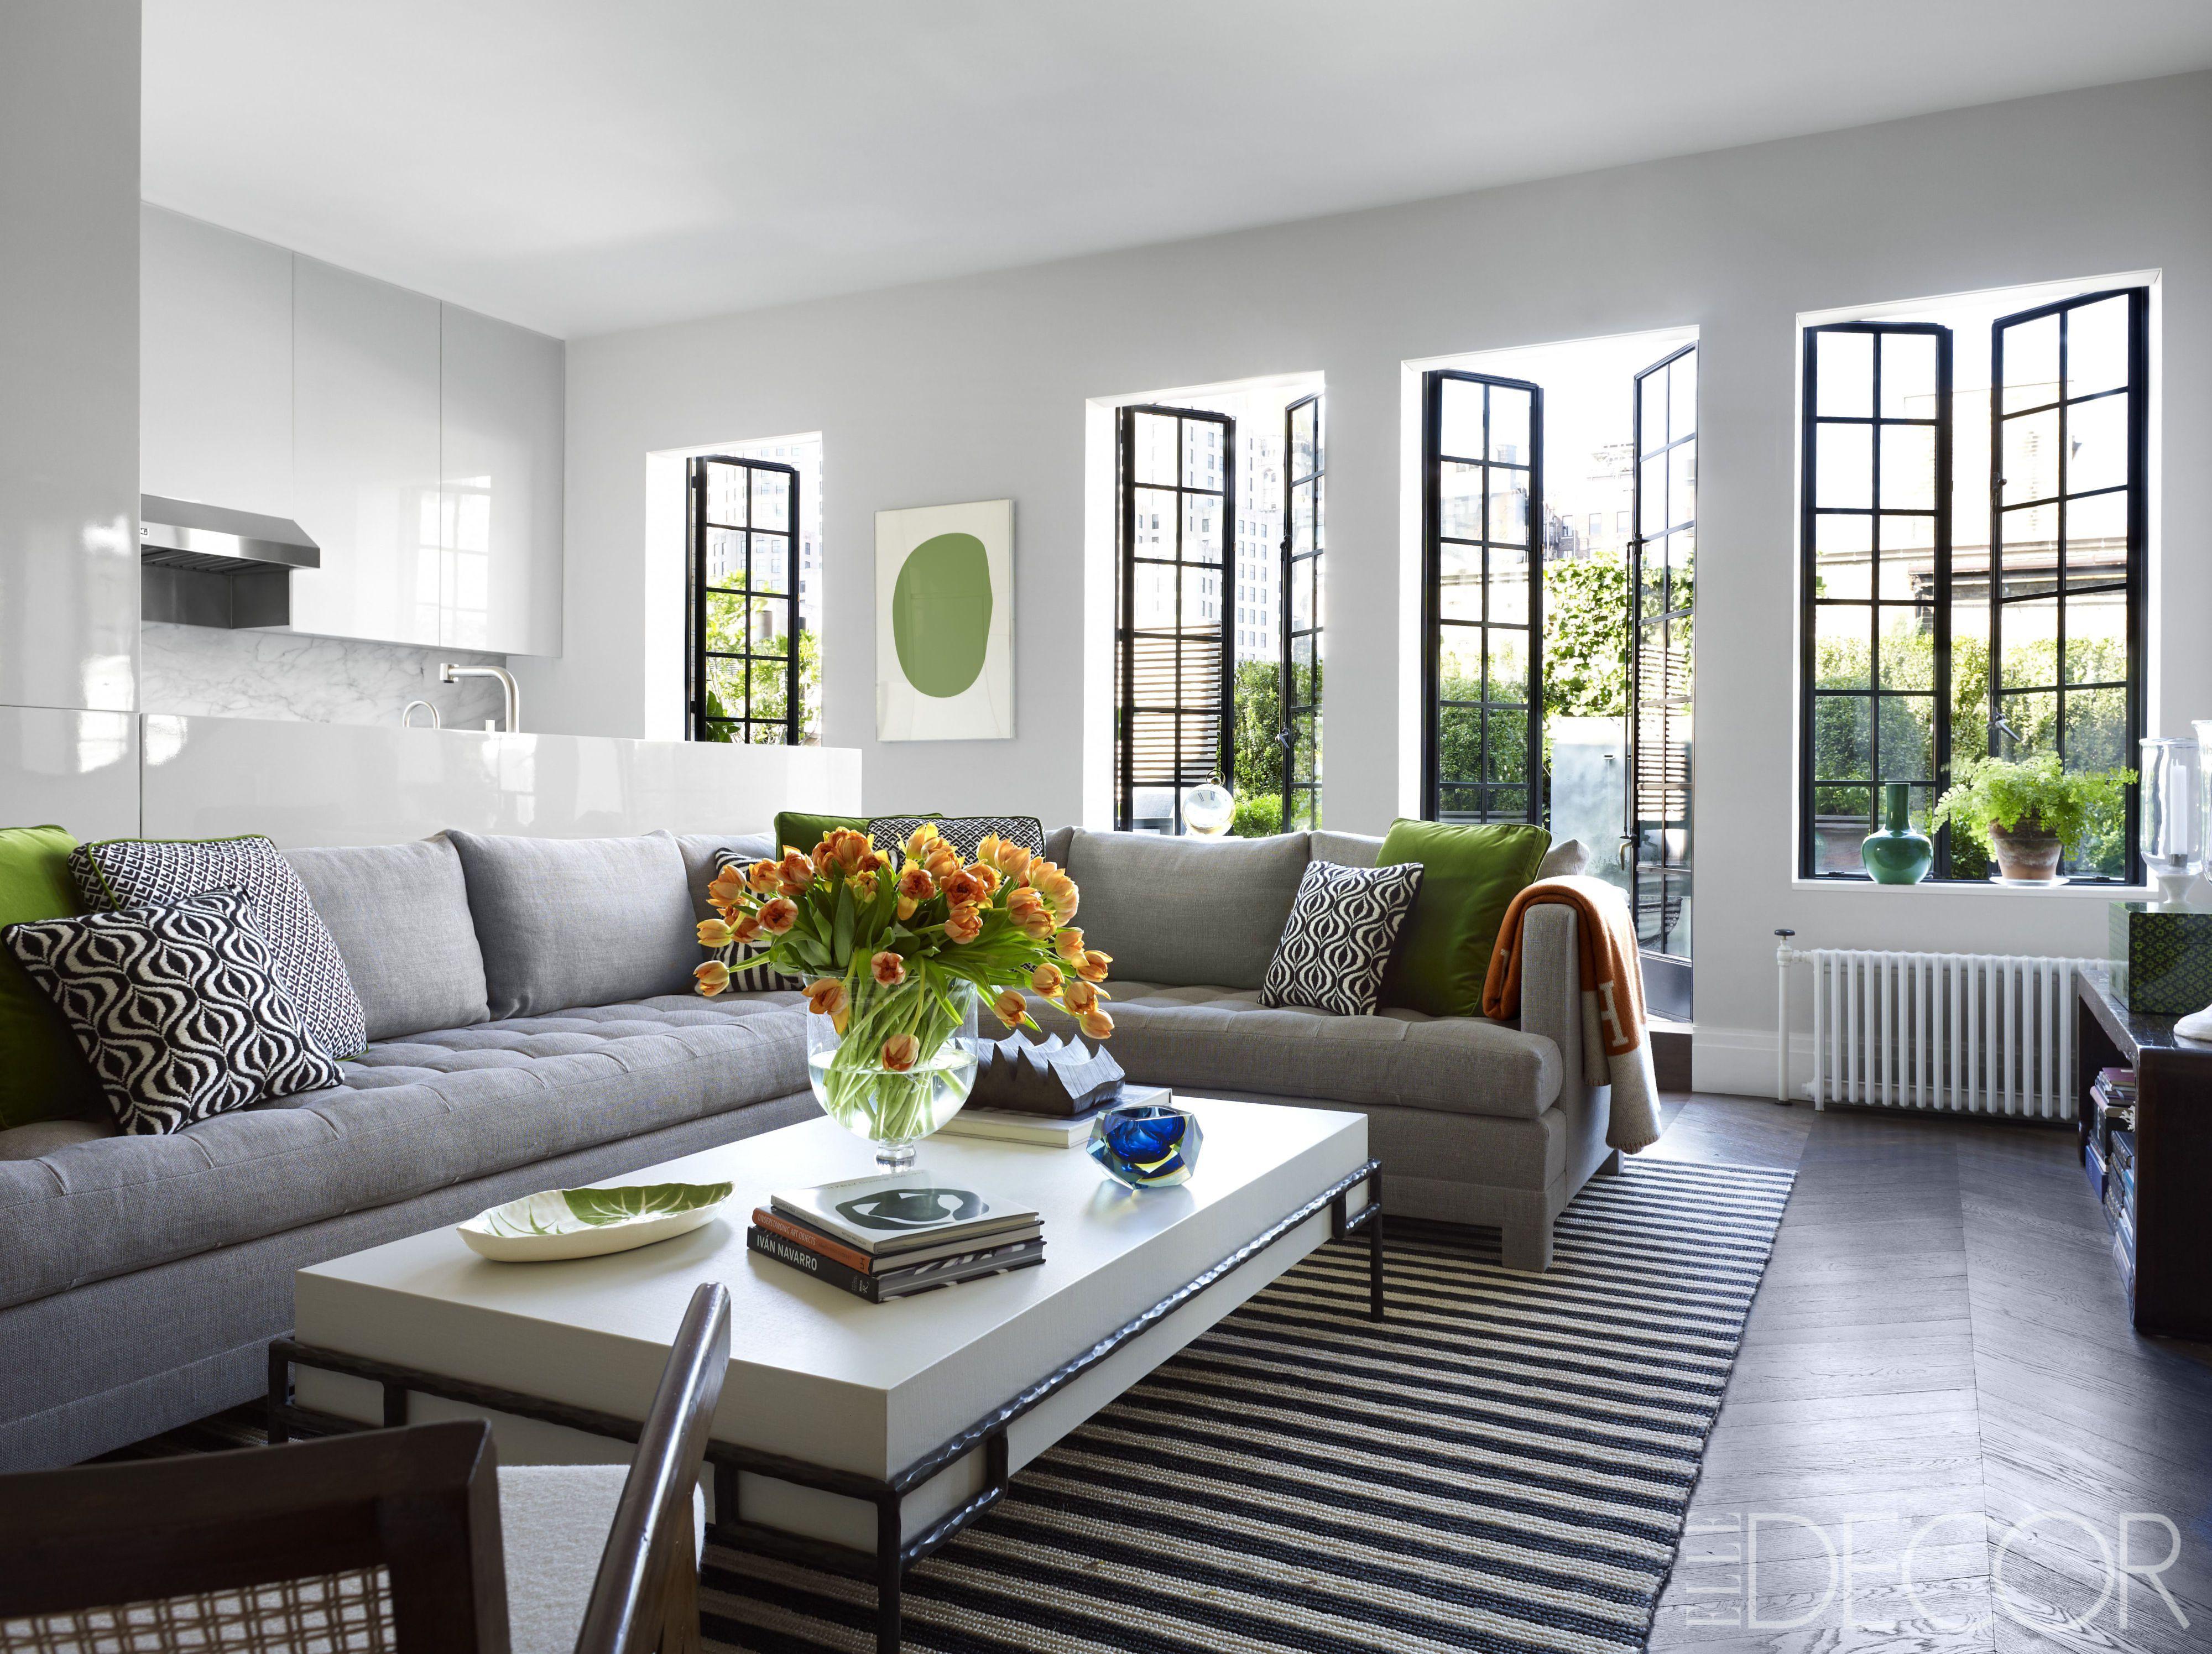 gray living room 20 best gray living room ideas - gray rooms YSKCQJH